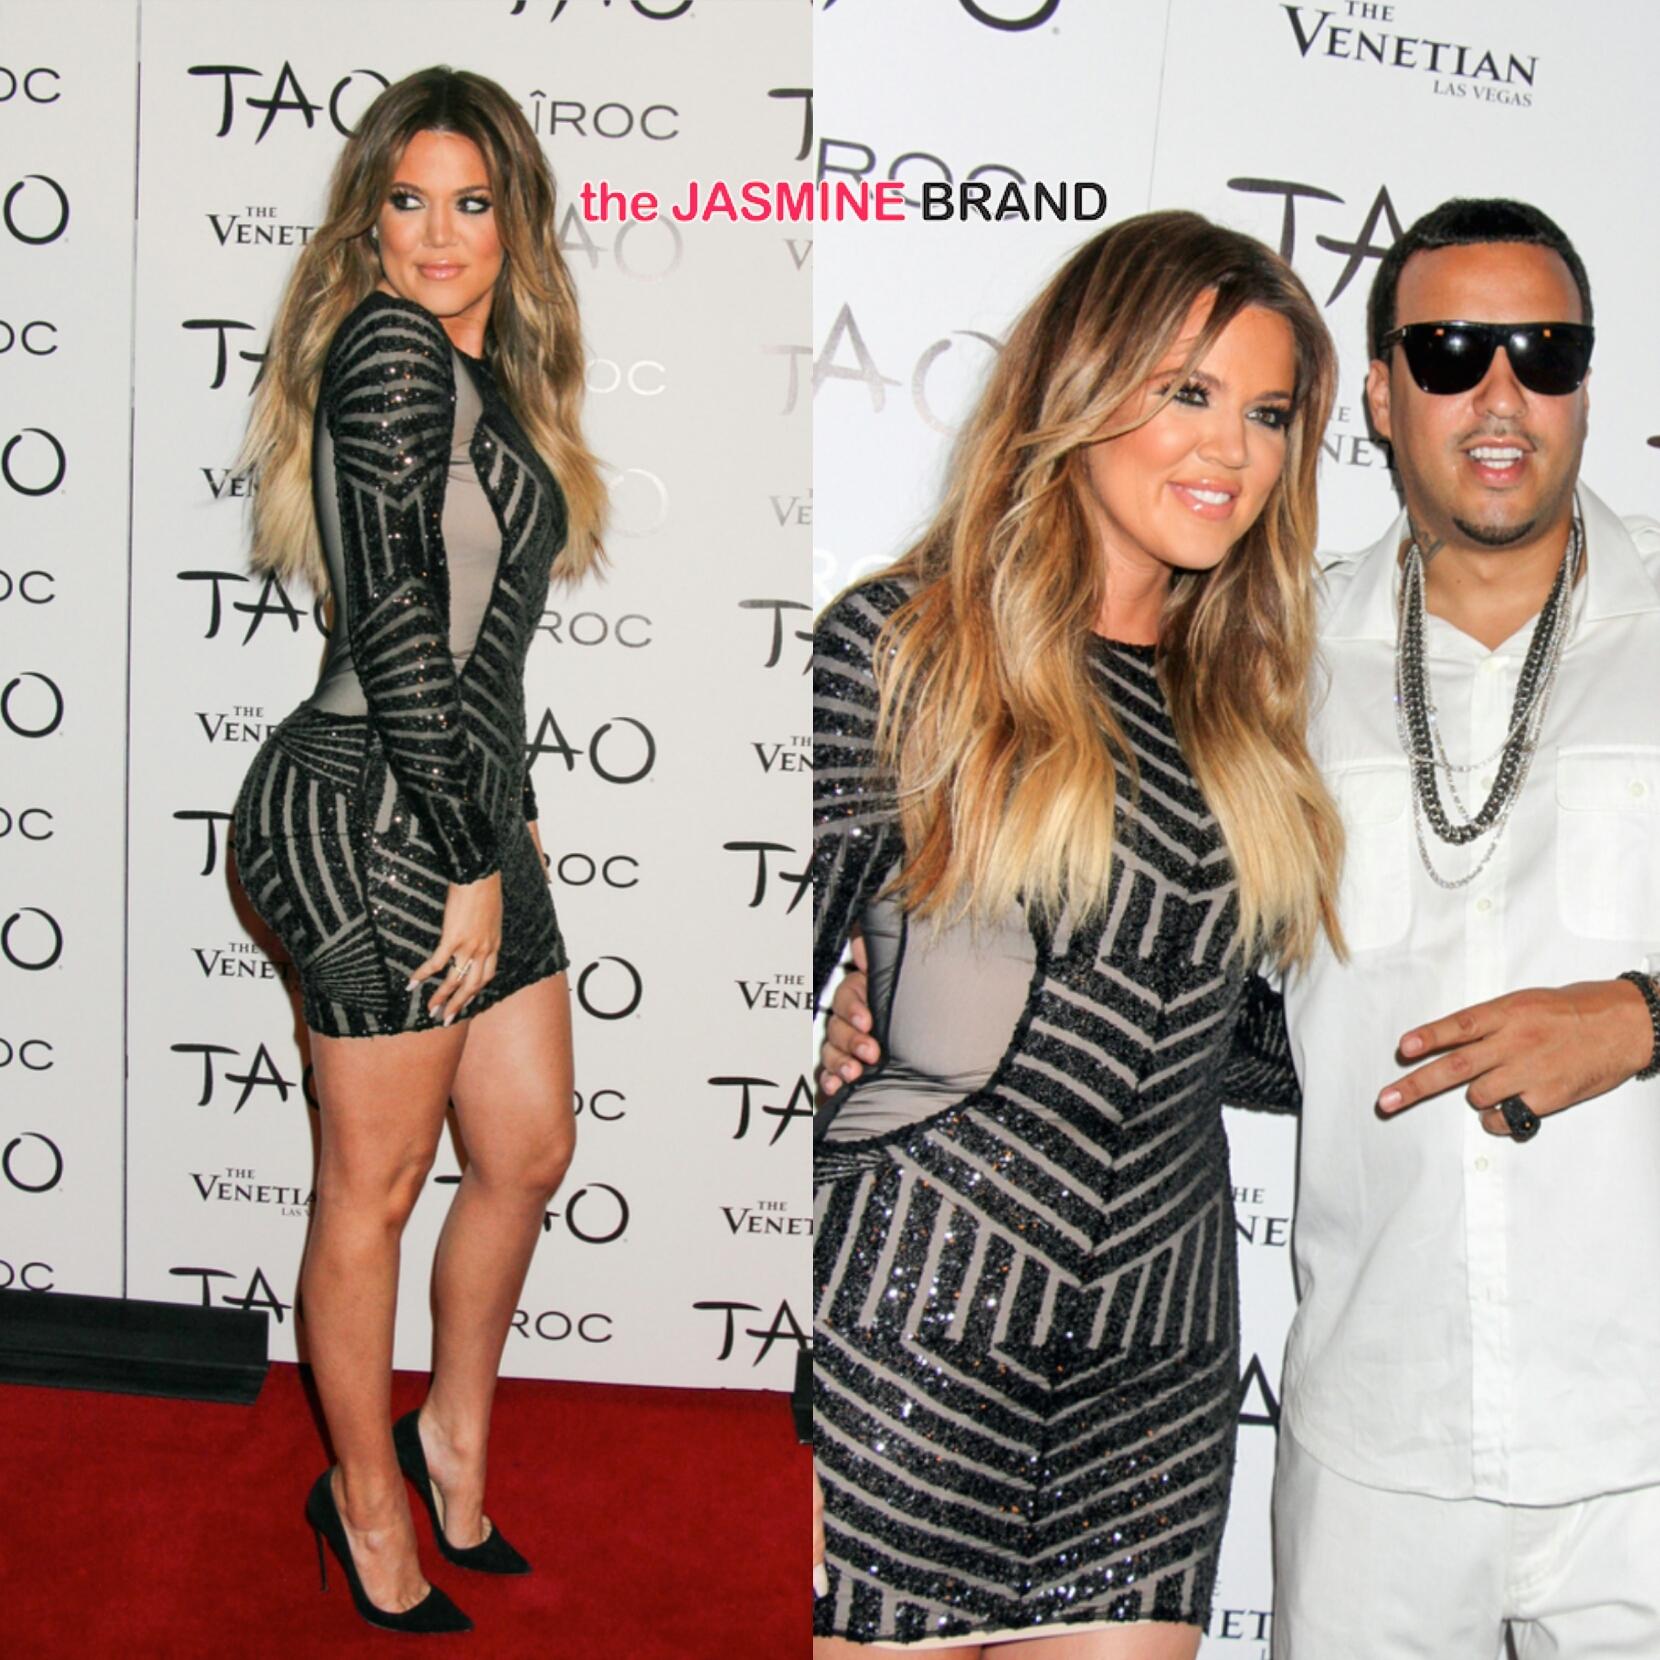 [Photos] Khloe Kardashian Celebrates 30th In Vegas With